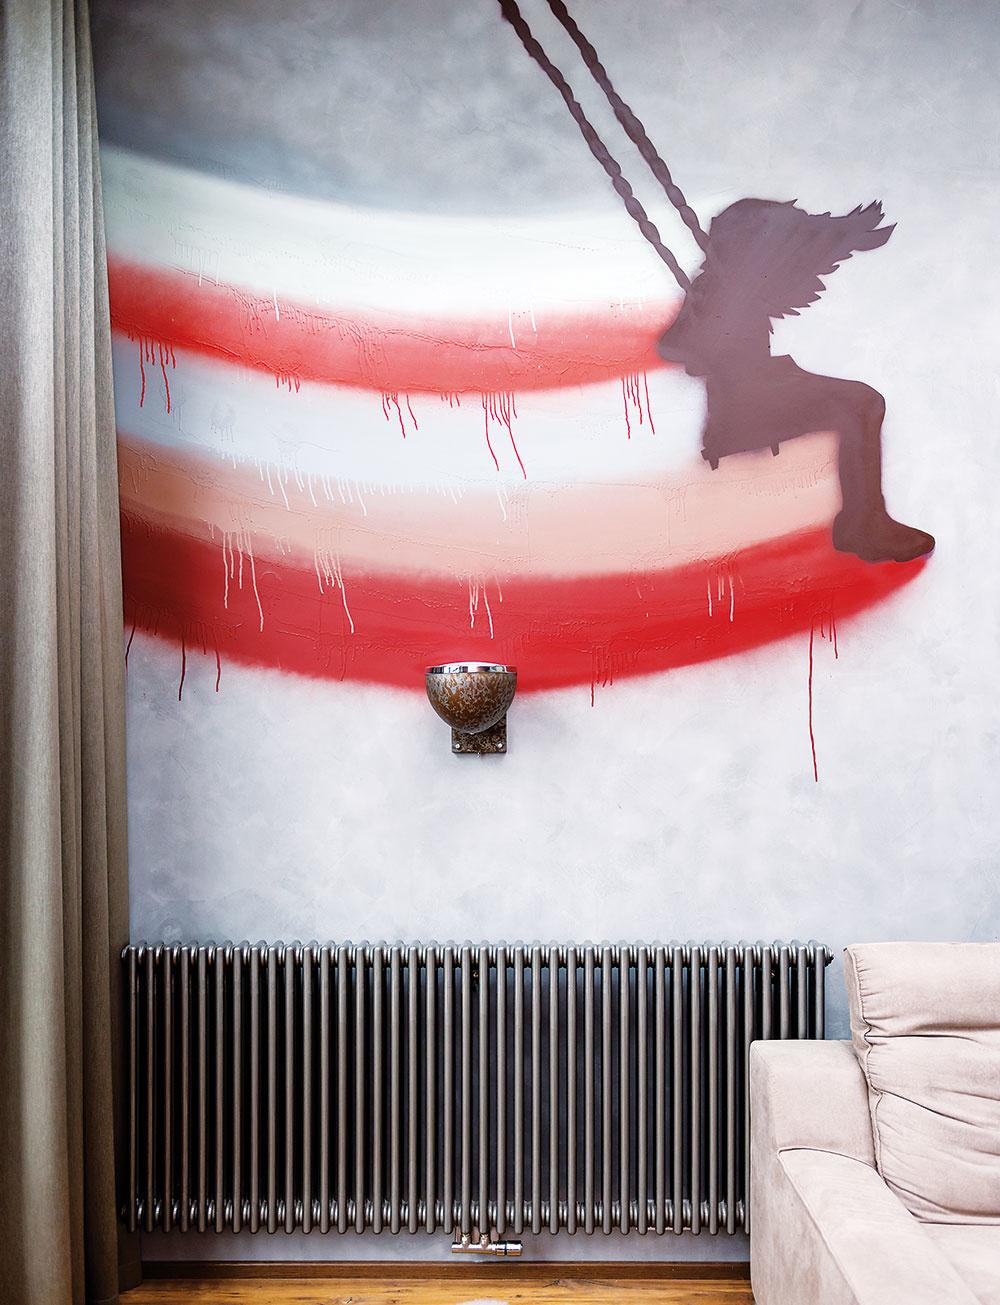 GRAFITY NA STENE? Prečo nie? Ak túžite po originalite, ale netrúfate si na také čosi sami, zaangažujte do výzdoby niektorej zo stien šikovného umelca. Dievčatko na hojdačke namaľoval Lukáš Kladívko podľa vlastného návrhu.